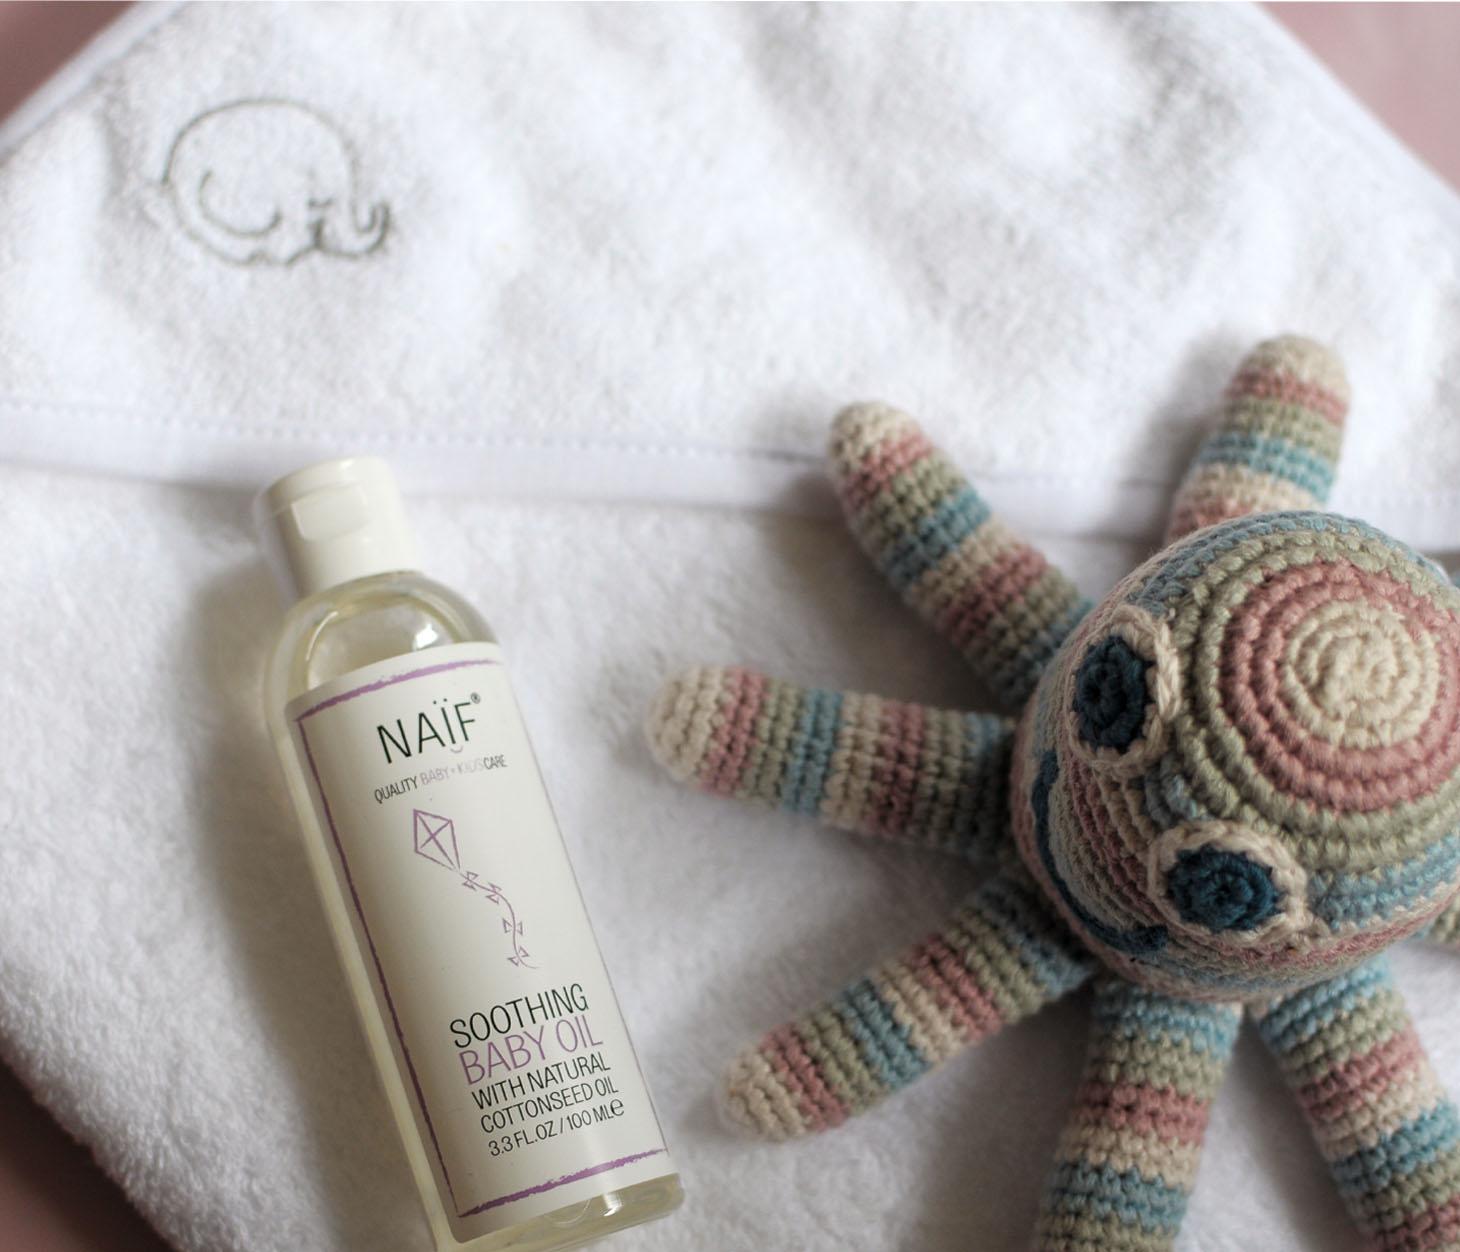 Affbeelding met op de achtergrond een witte handdoek met een klein grijs olifantje rechts bovenin. Links een flesje van Naif baby olie. Rechtsonder een octopus rammelaar, gehaakt met pastel kleuren: wit, roze, groen en blauw gestreept